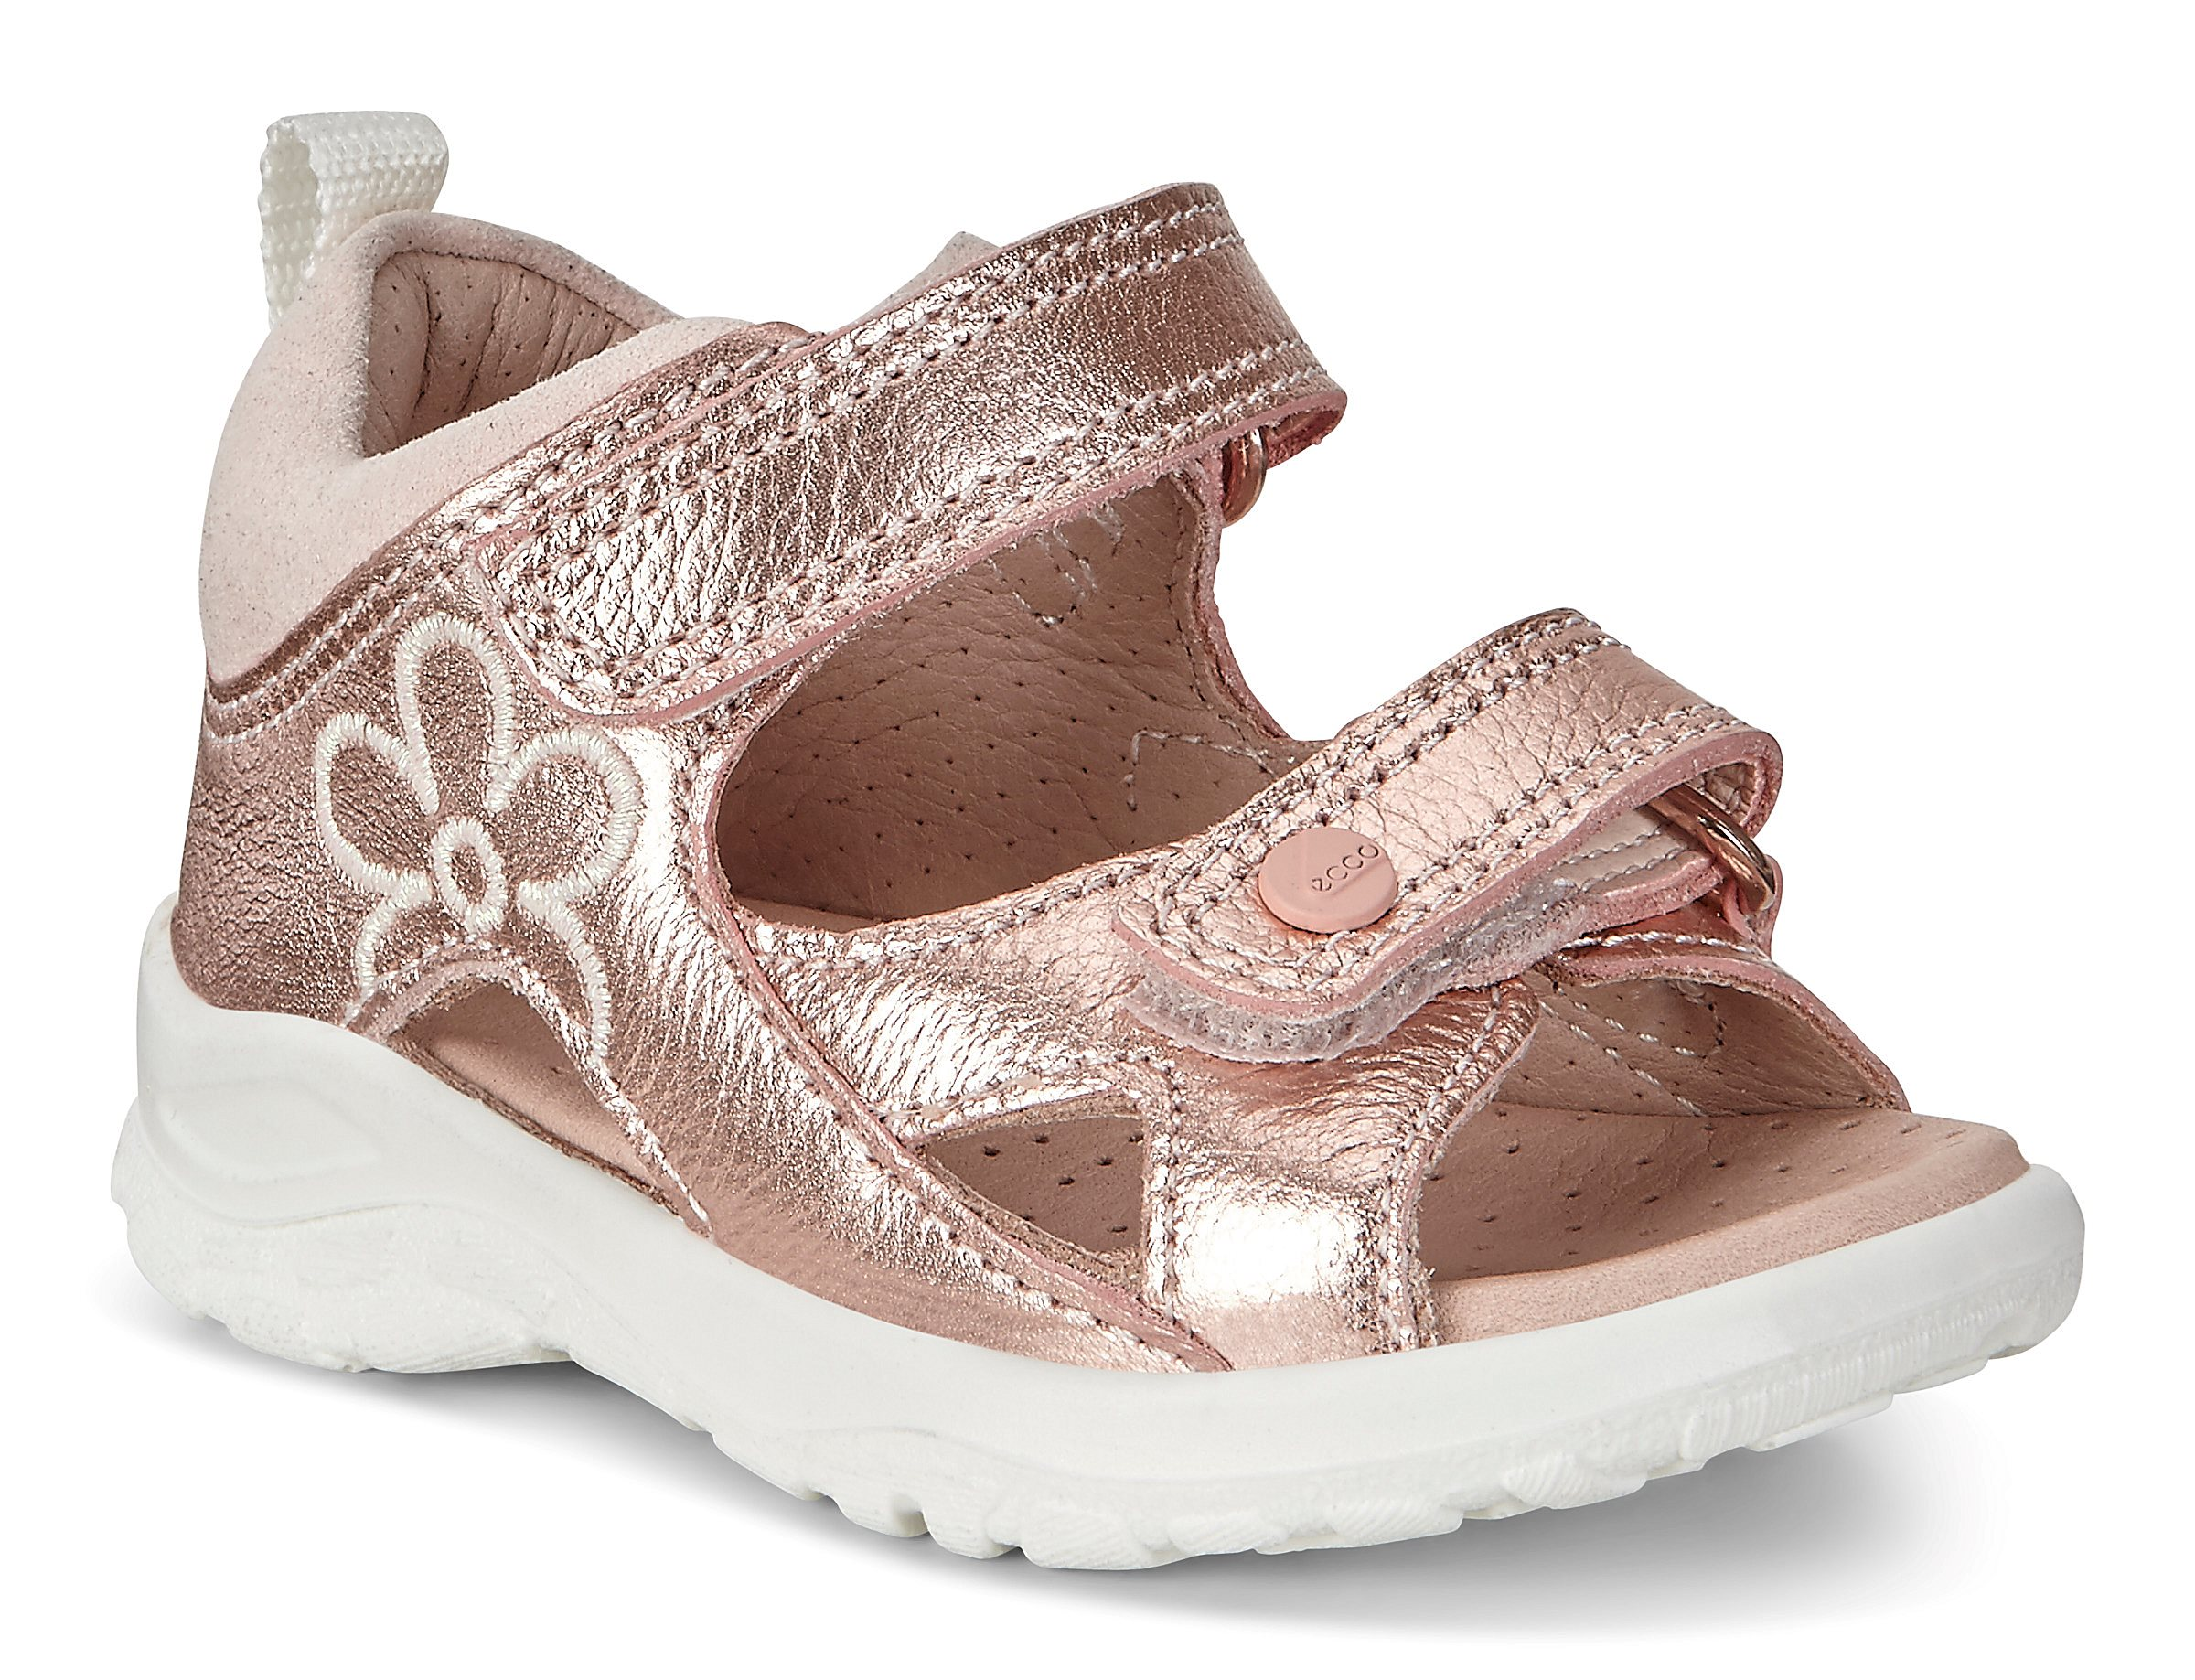 414d81865e50 ECCO PEEKABOO Kids Girls Sandals